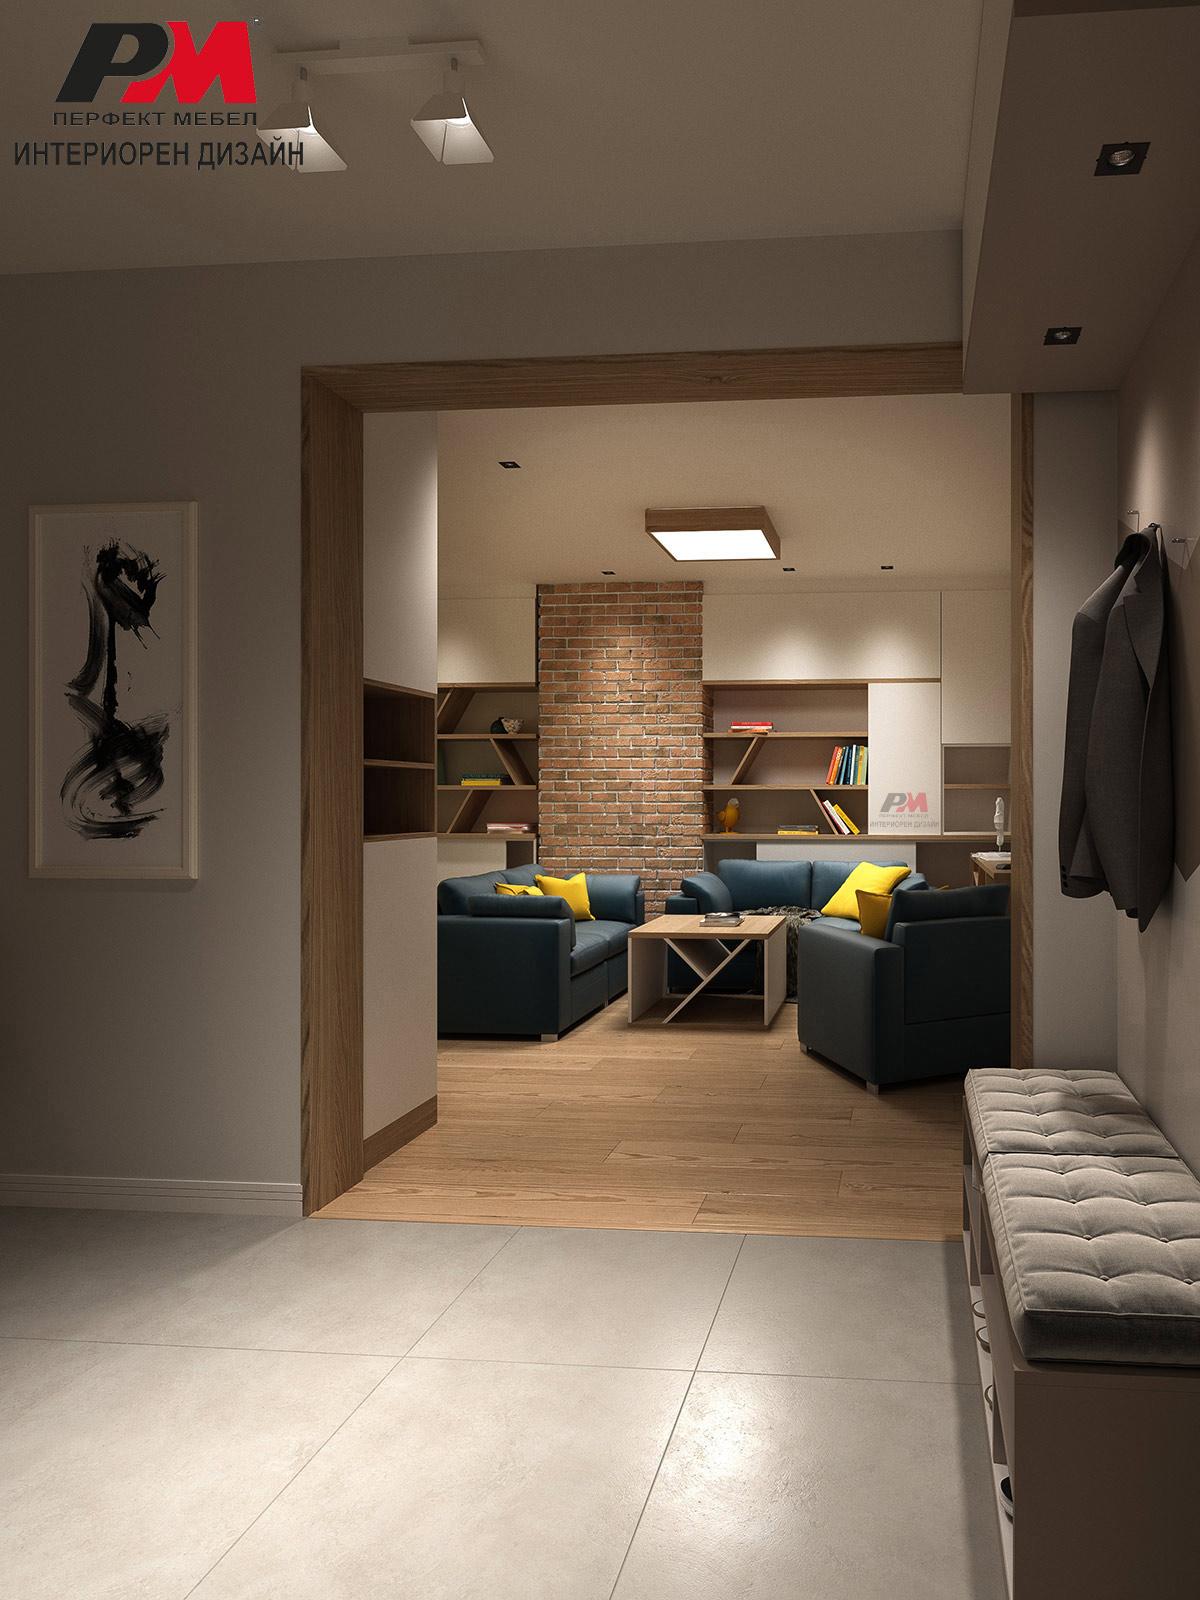 Топлина, уют и ретро нотка в интериорния дизайн на дневно помещение